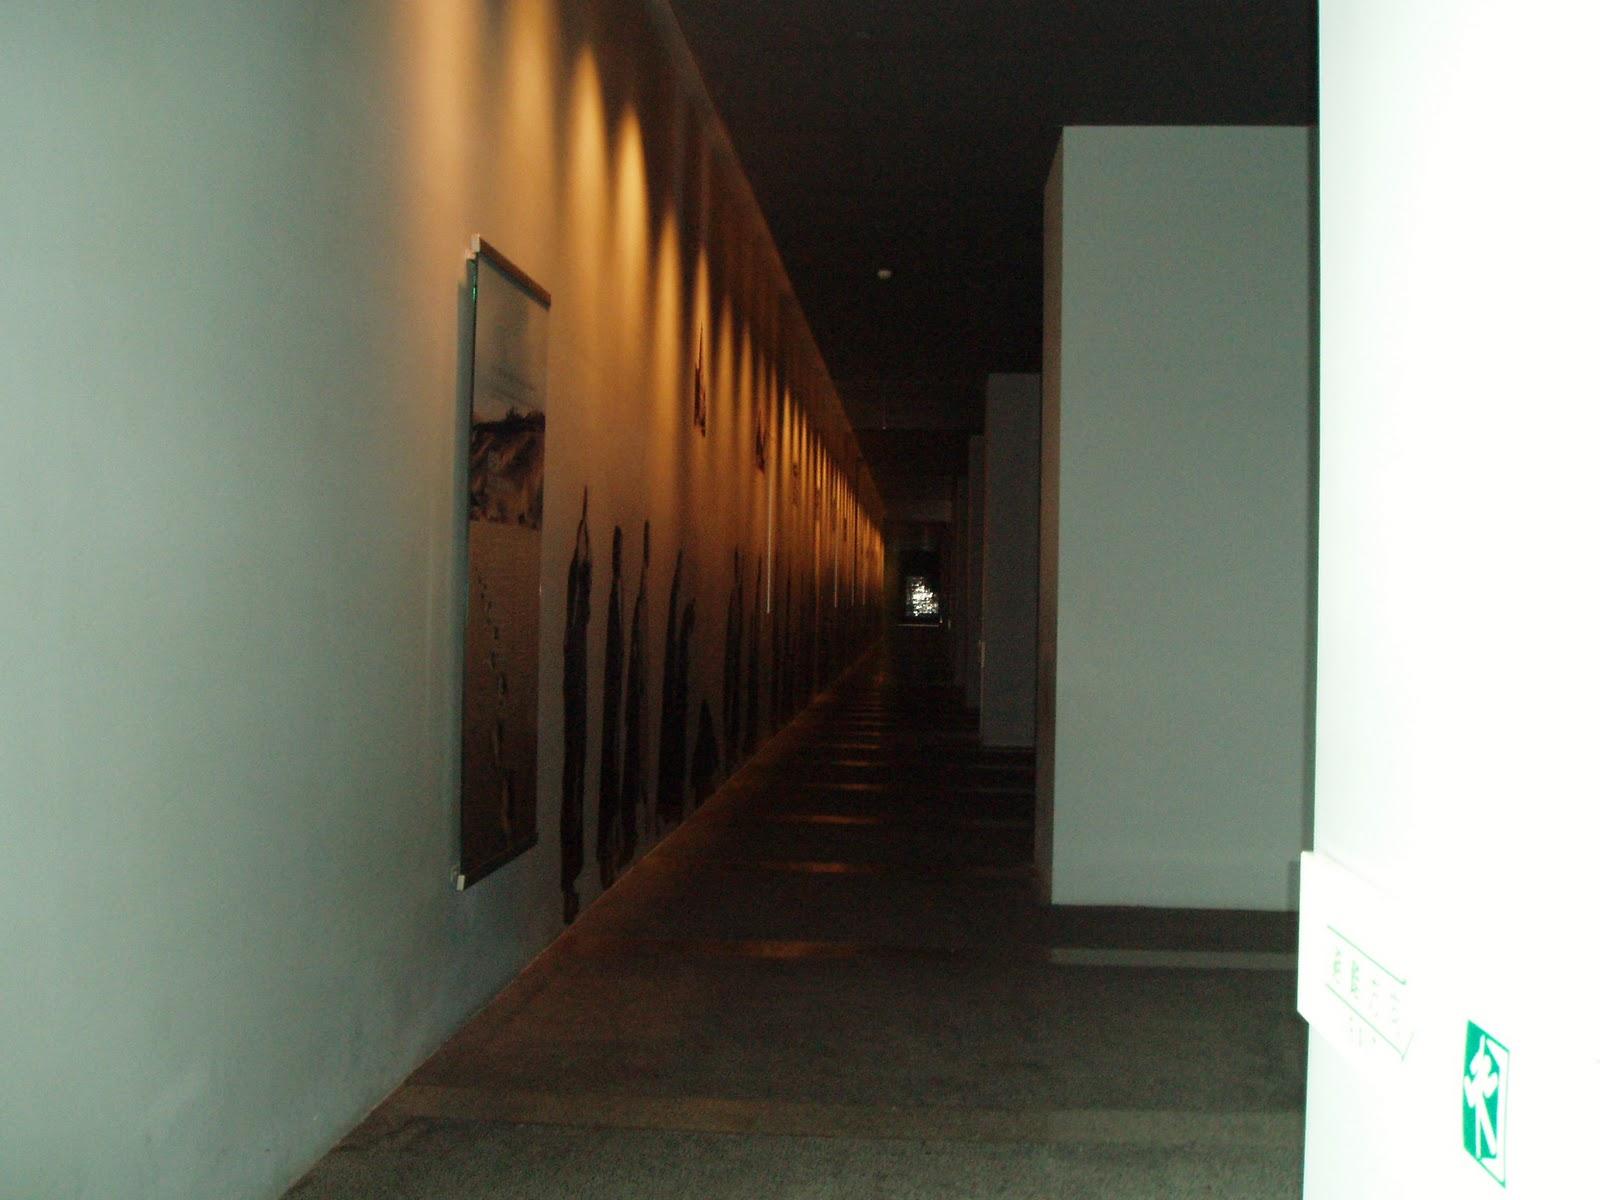 雙生緣手作坊: 永和世界宗教博物館